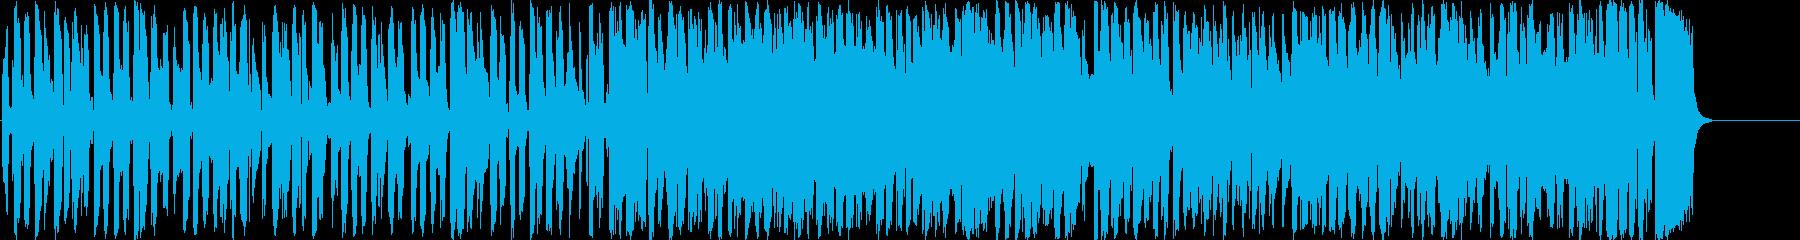 コミカル 子供 ペット 軽快 おちゃらけの再生済みの波形